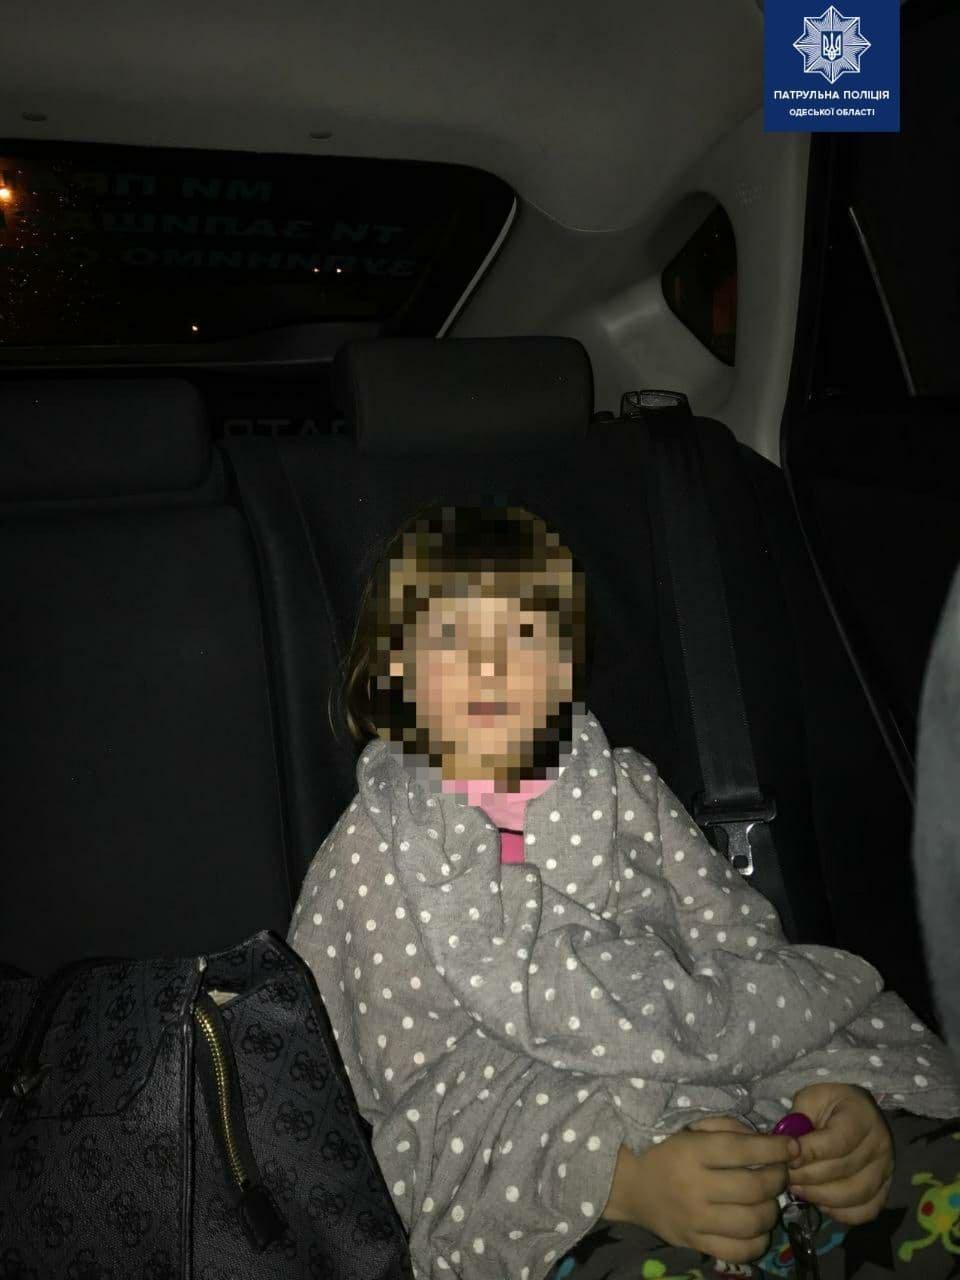 Не нравилось, что родители ссорятся: в Одессе 6-летний ребенок ушел из дома, - ФОТО, фото-1